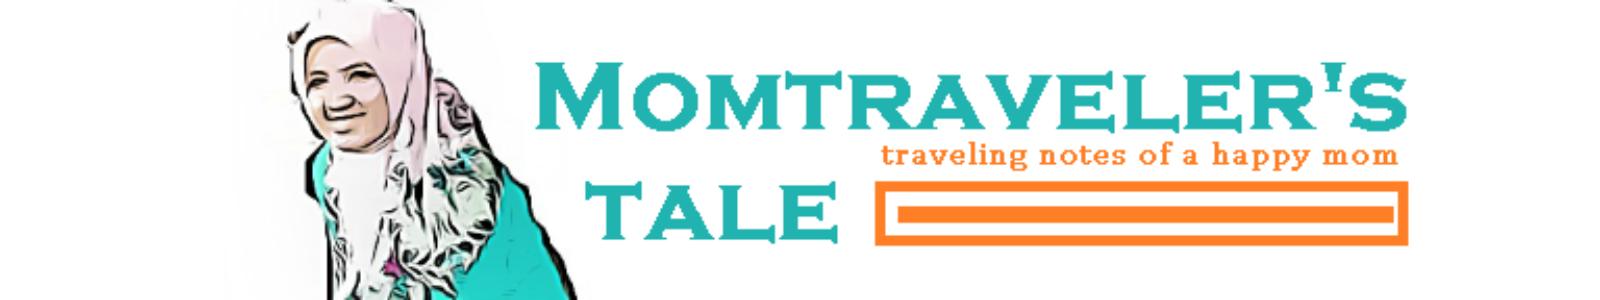 Momtraveler's Tale